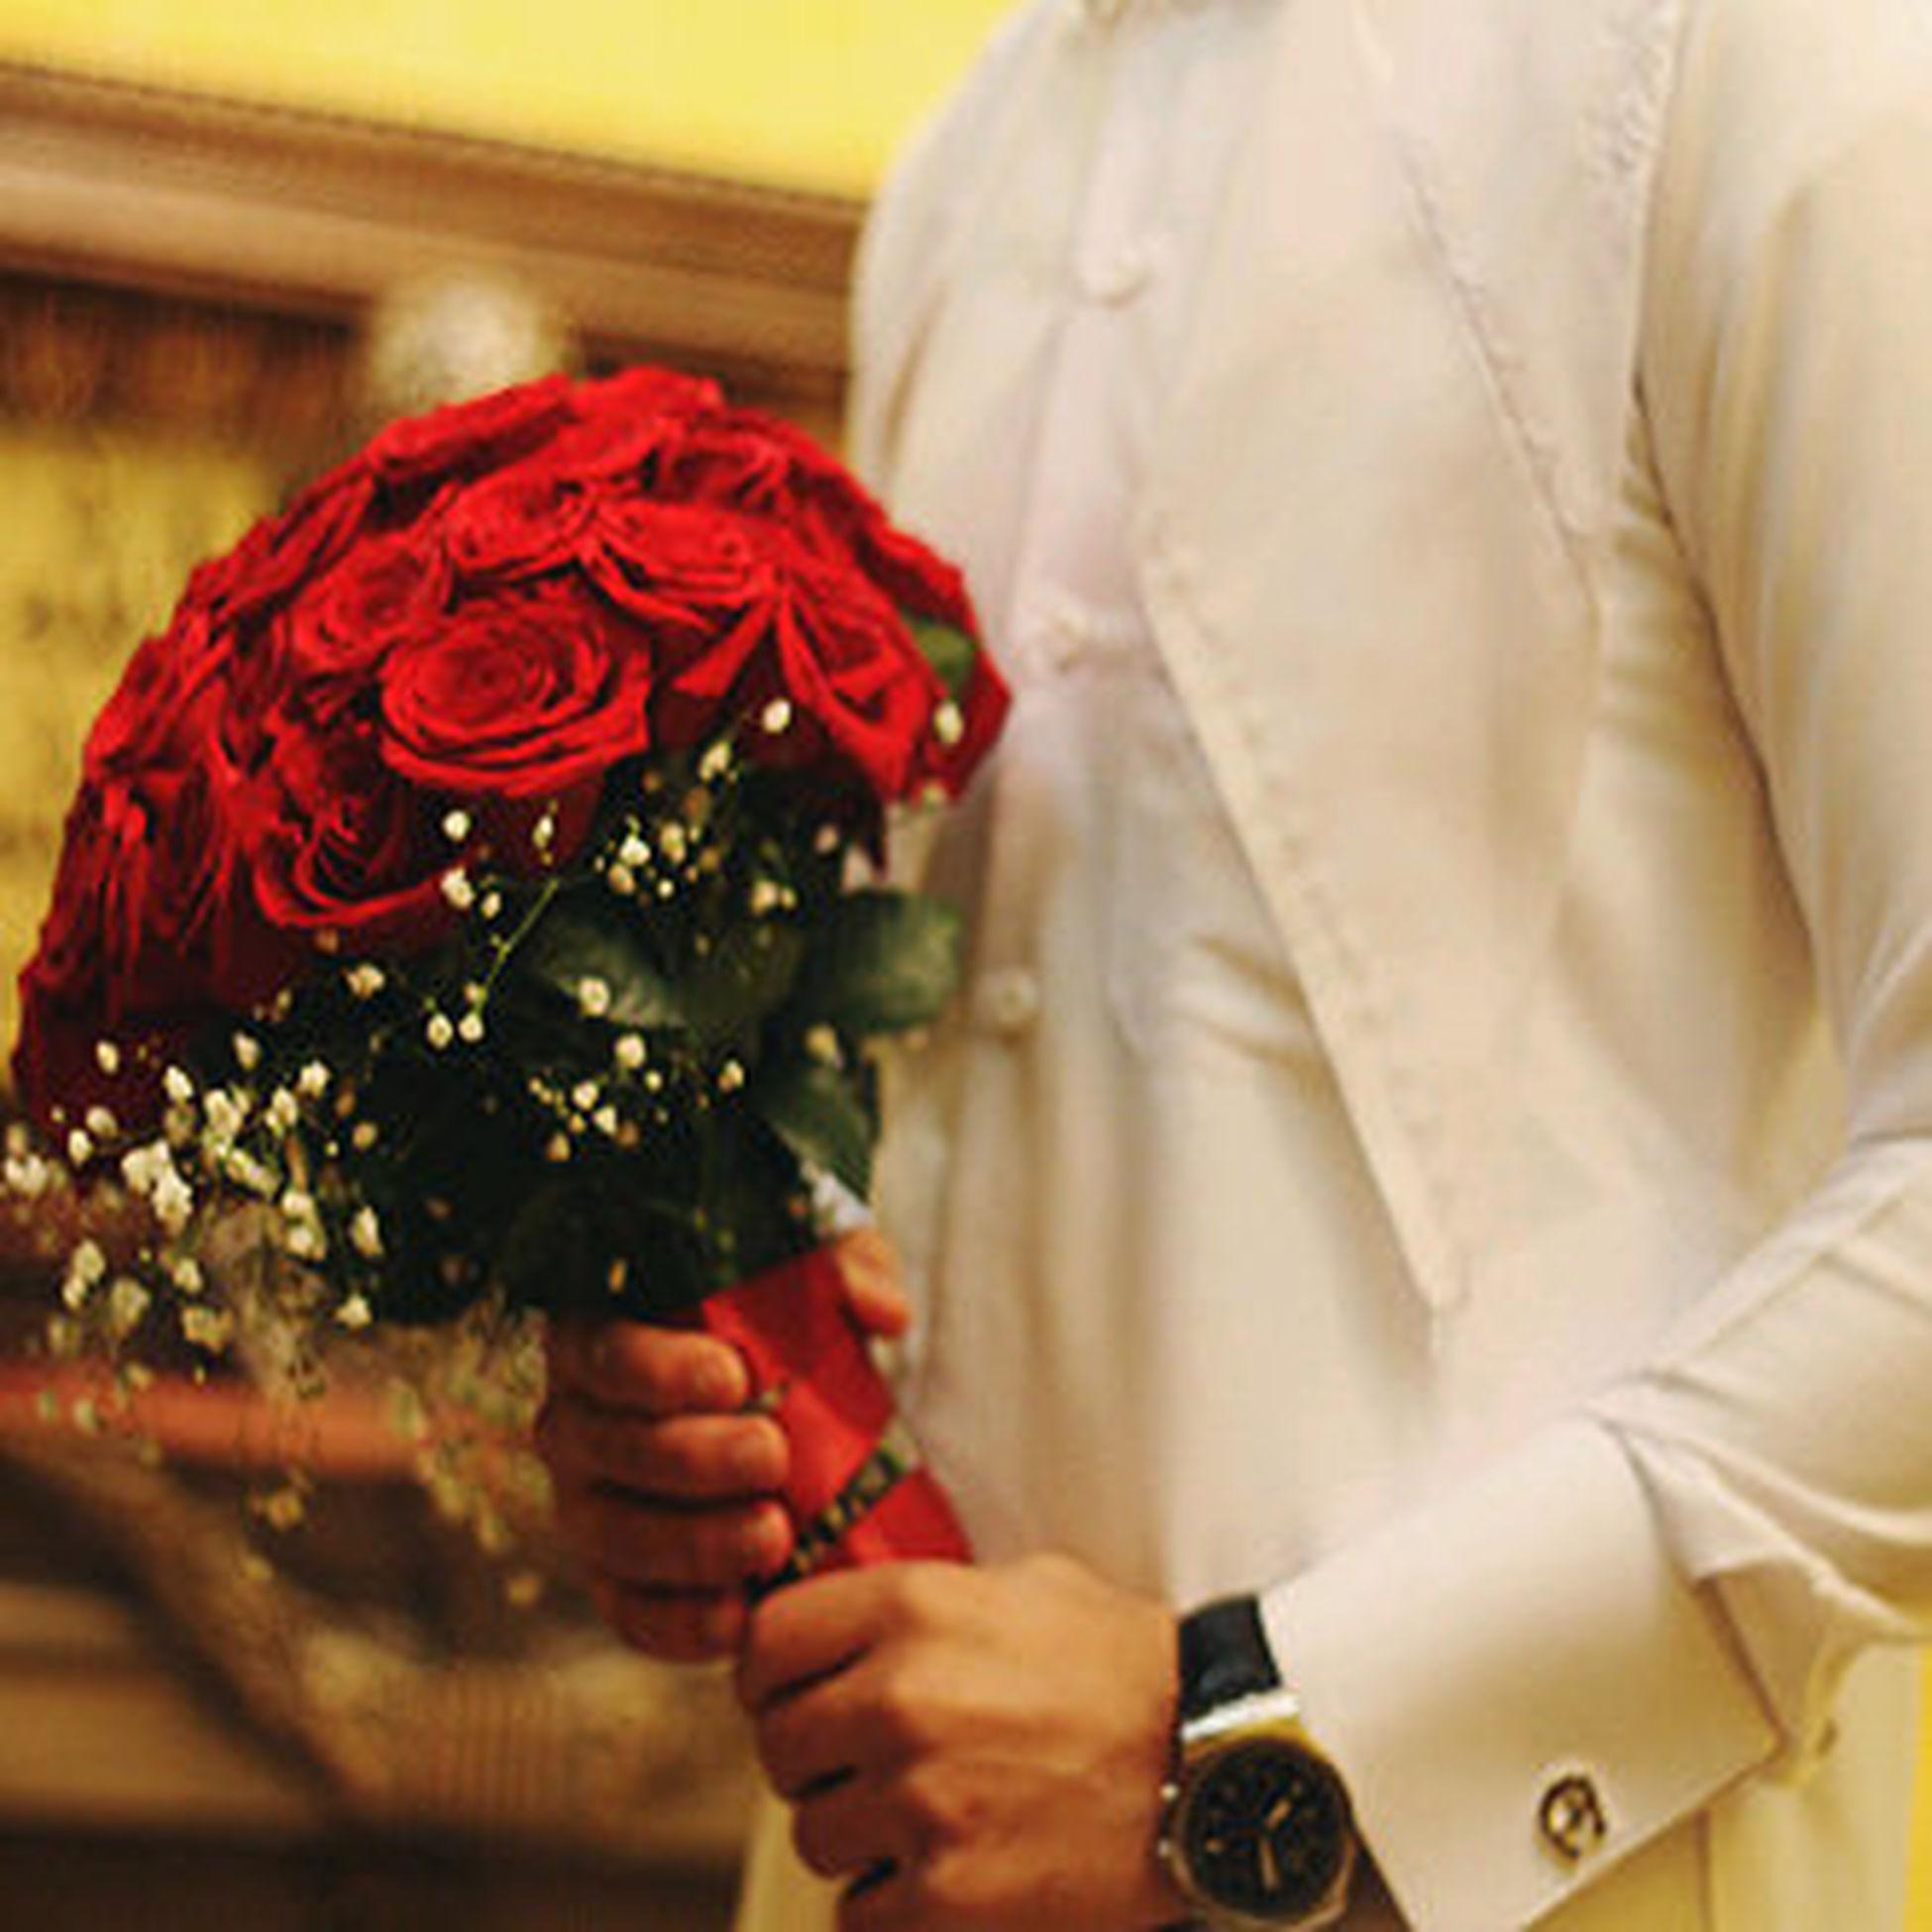 لي من تهدي هاذه الورد .....اناعن نفسي  اهدي لي اغلي مافي الوجود أمي....